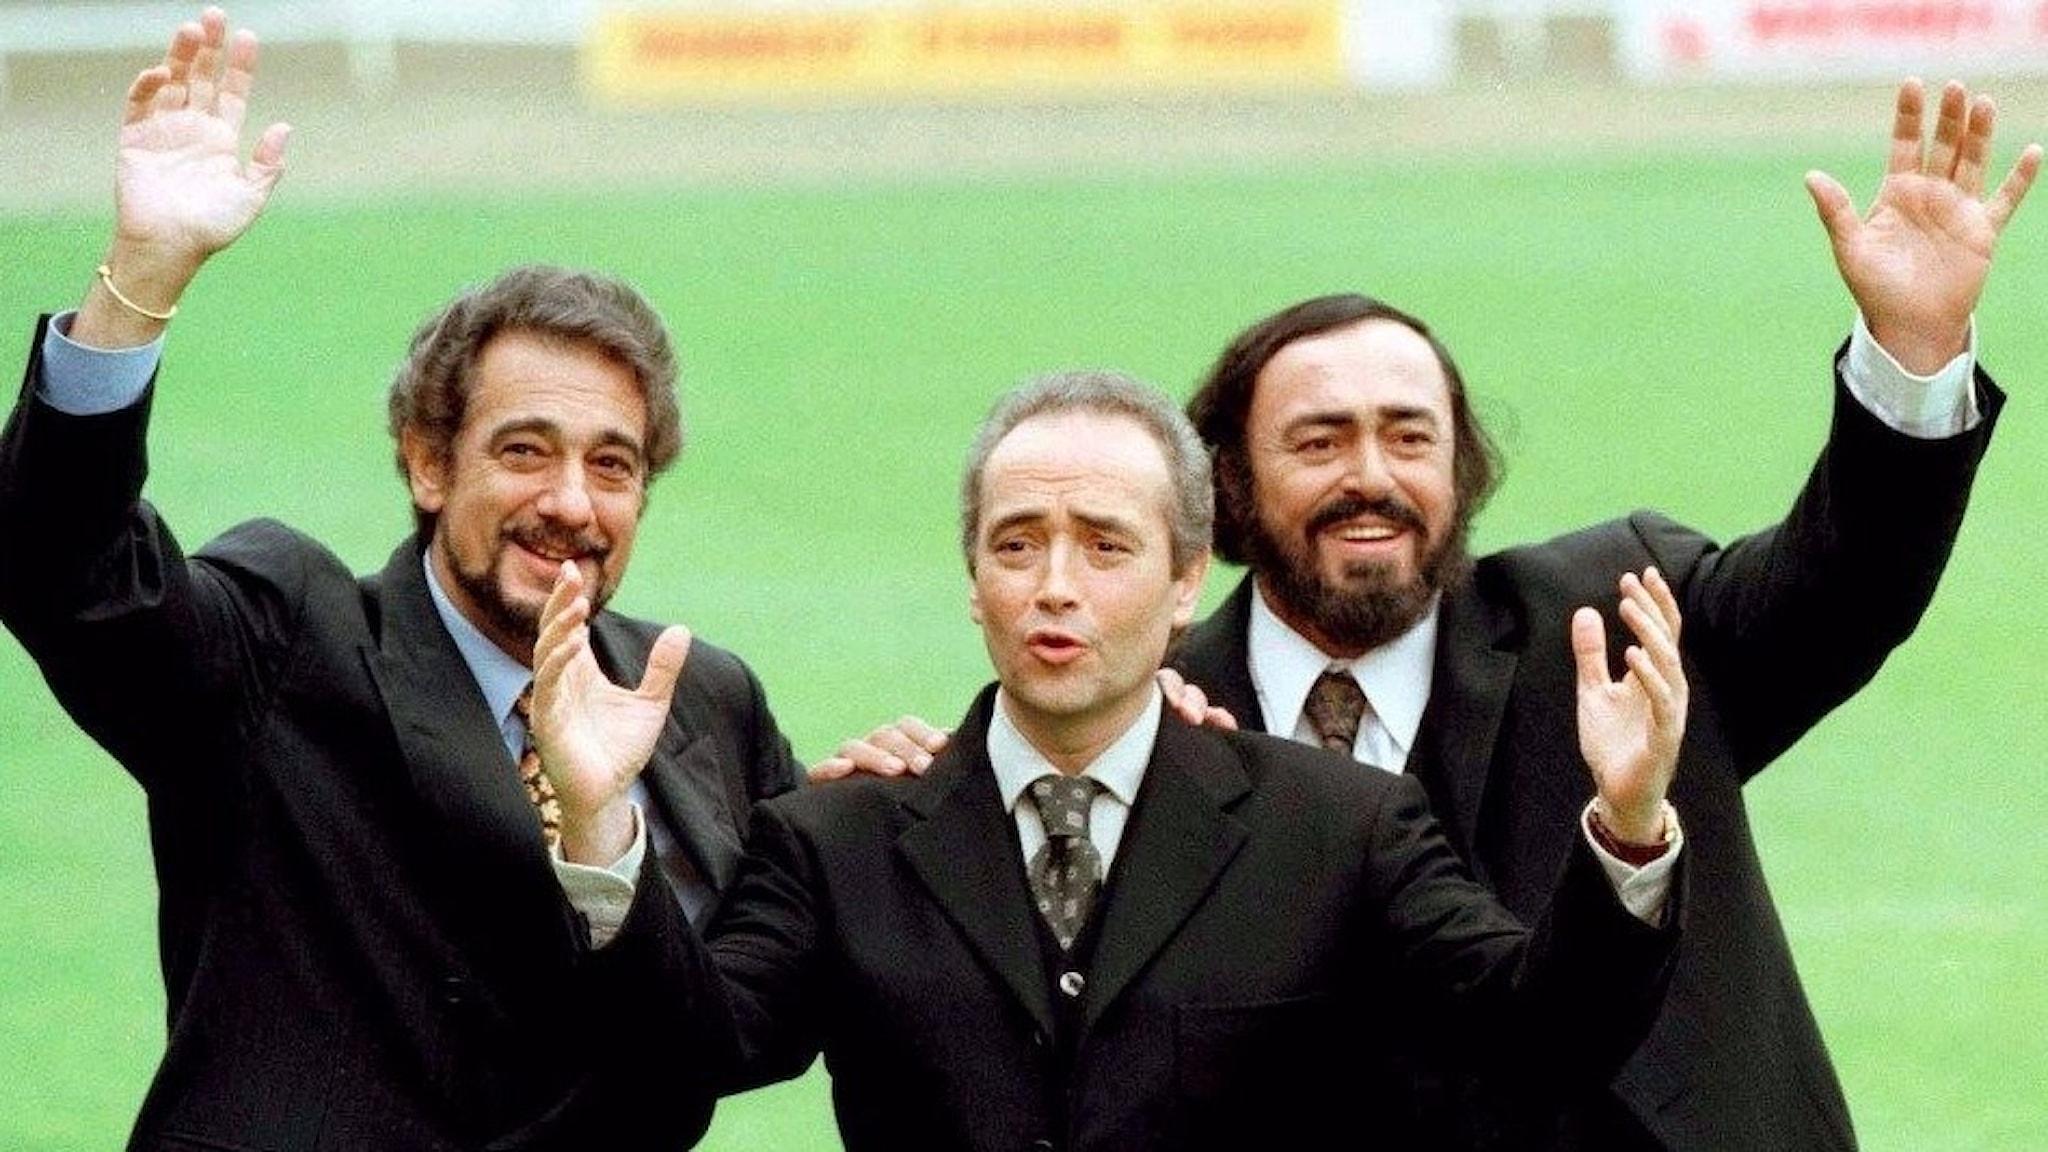 De tre tenorerna Placido Domingo, Jose Carreras och Luciano Pavarotti skapade en sällan upplevd hajp kring opera på 90-talet.